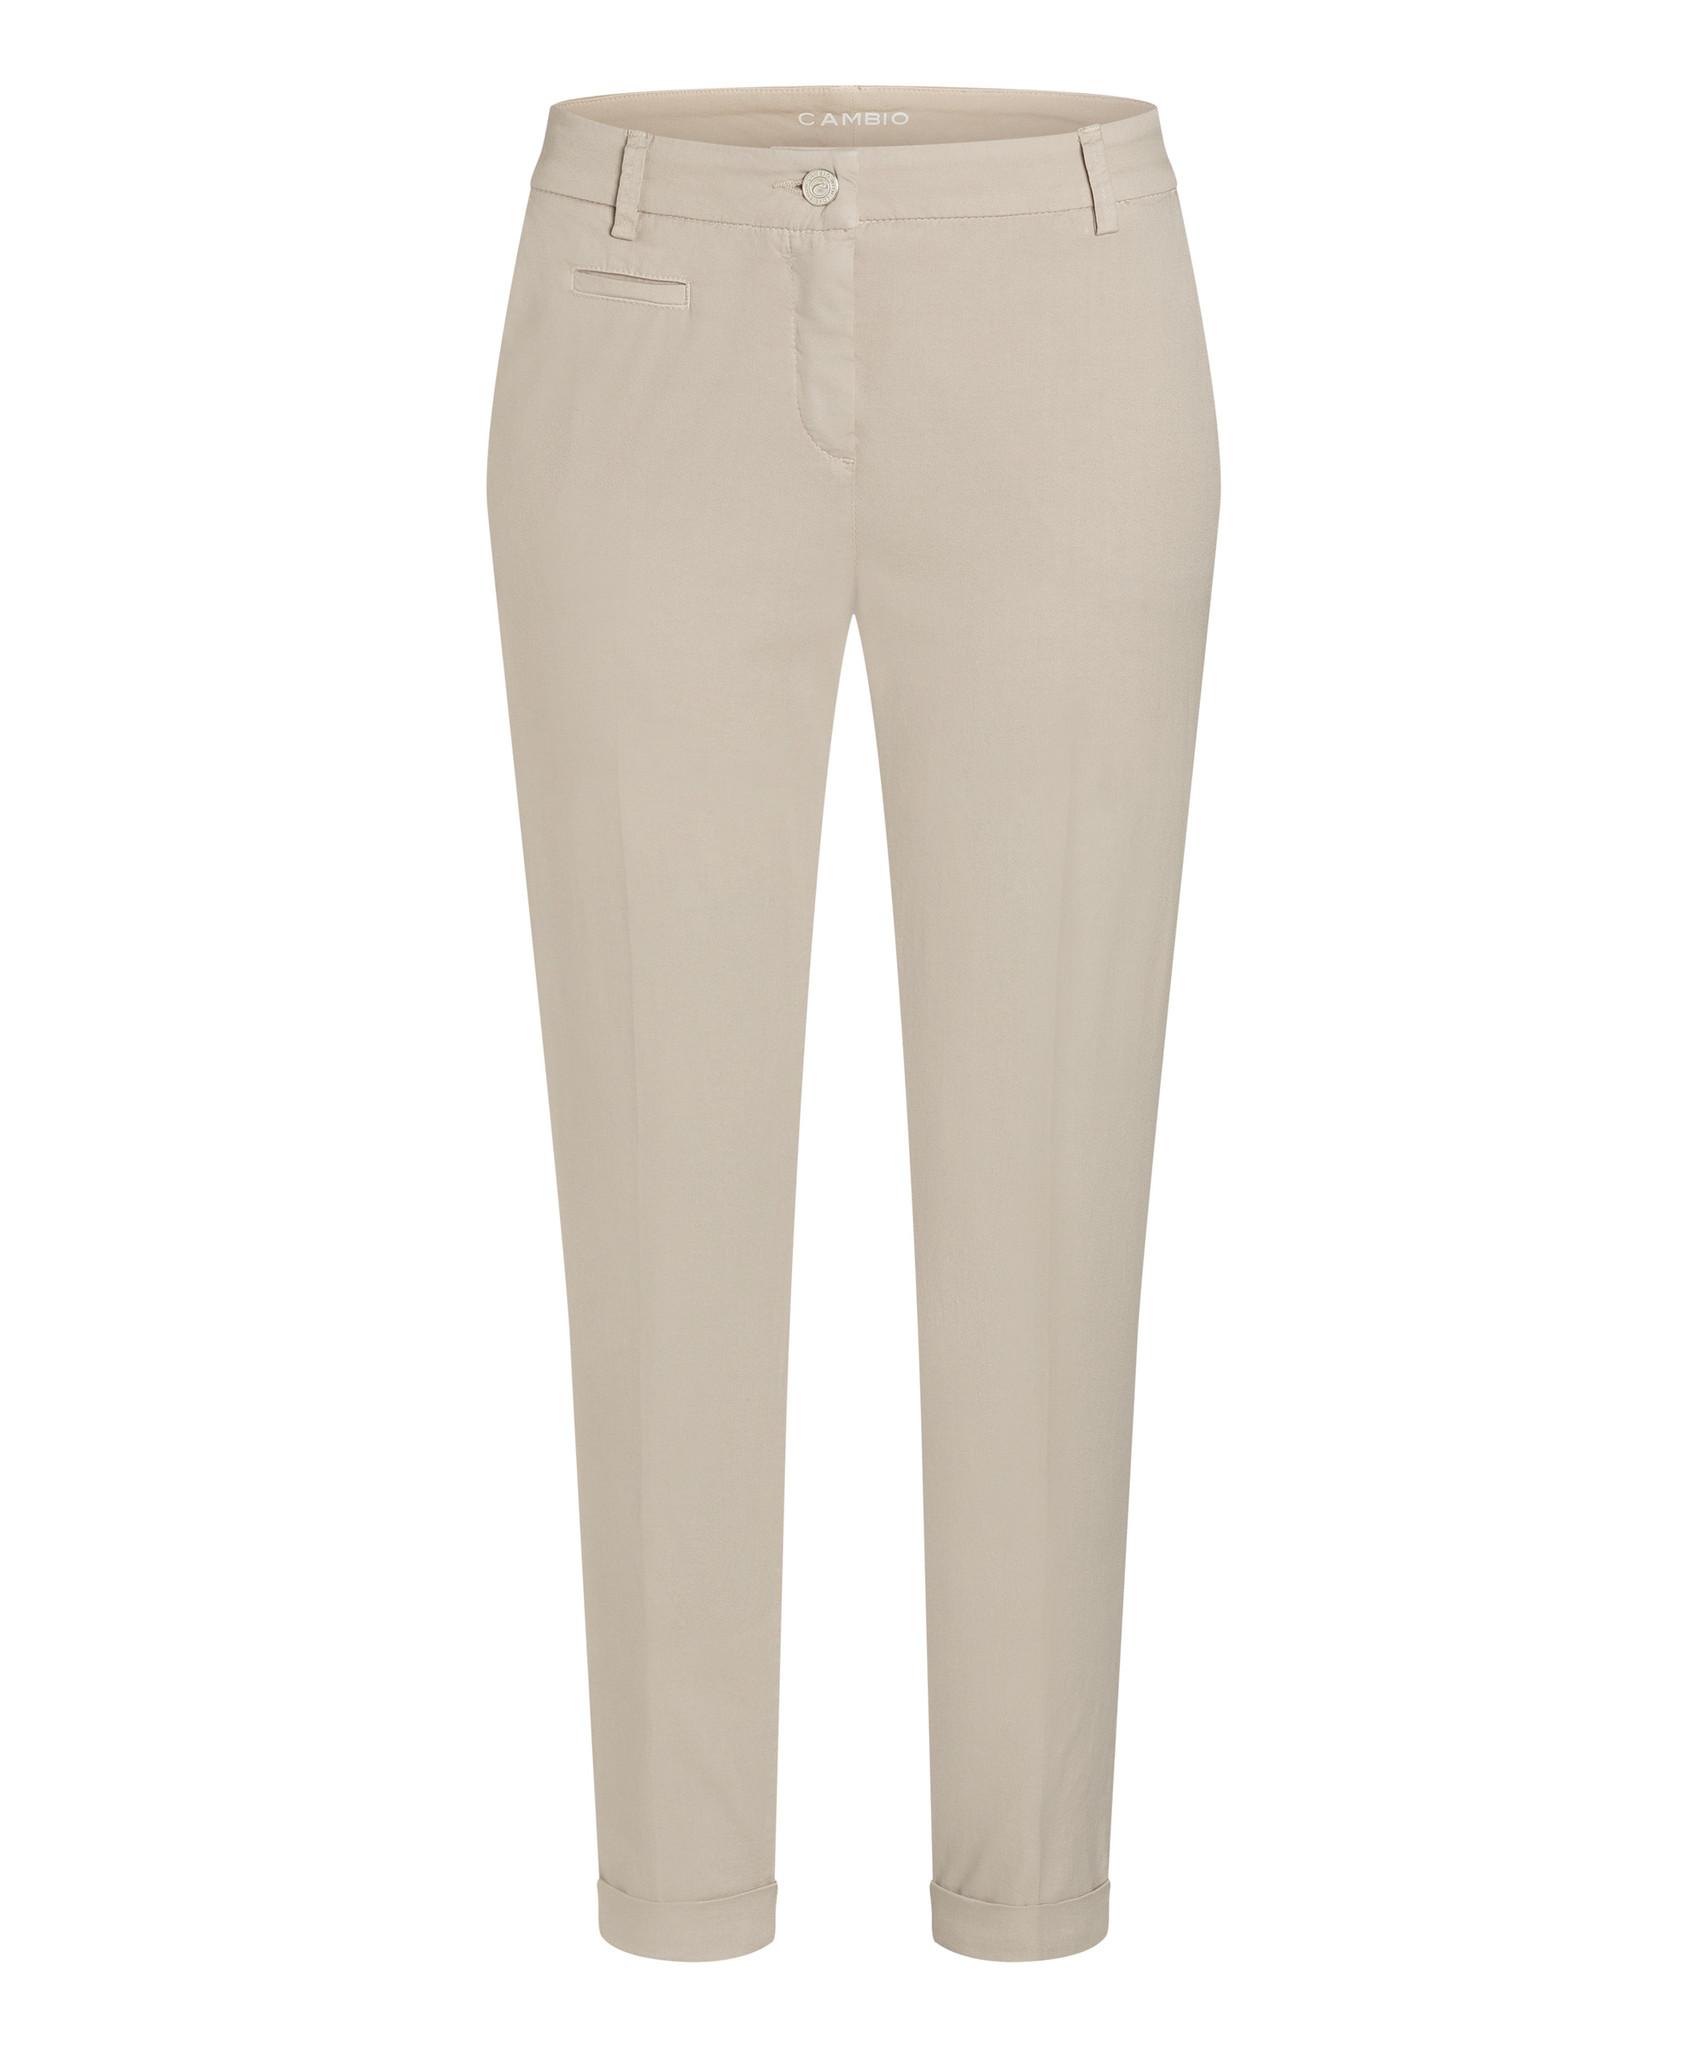 Cambio trouser 7644 STELLA-1